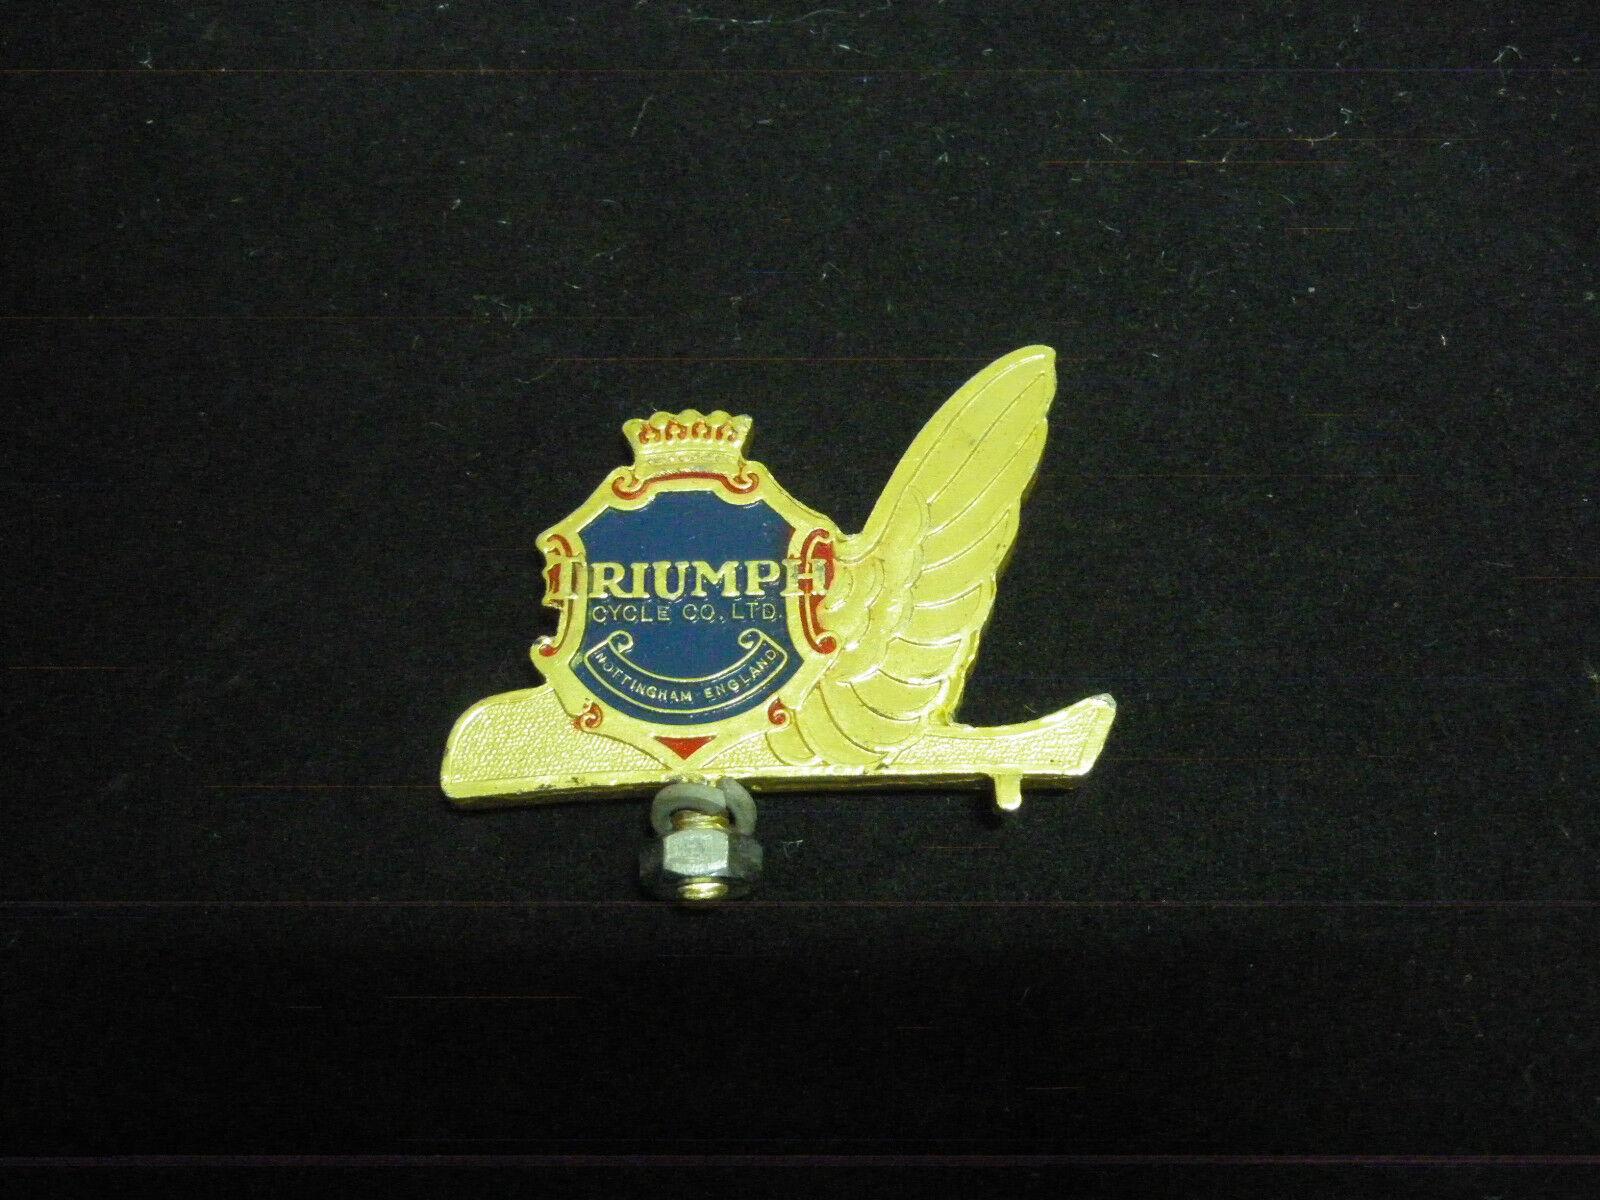 Vintage TRIUMPH  Bicycle  Mopet front mudguard Emblem Badge Bike gold NOS 1950s